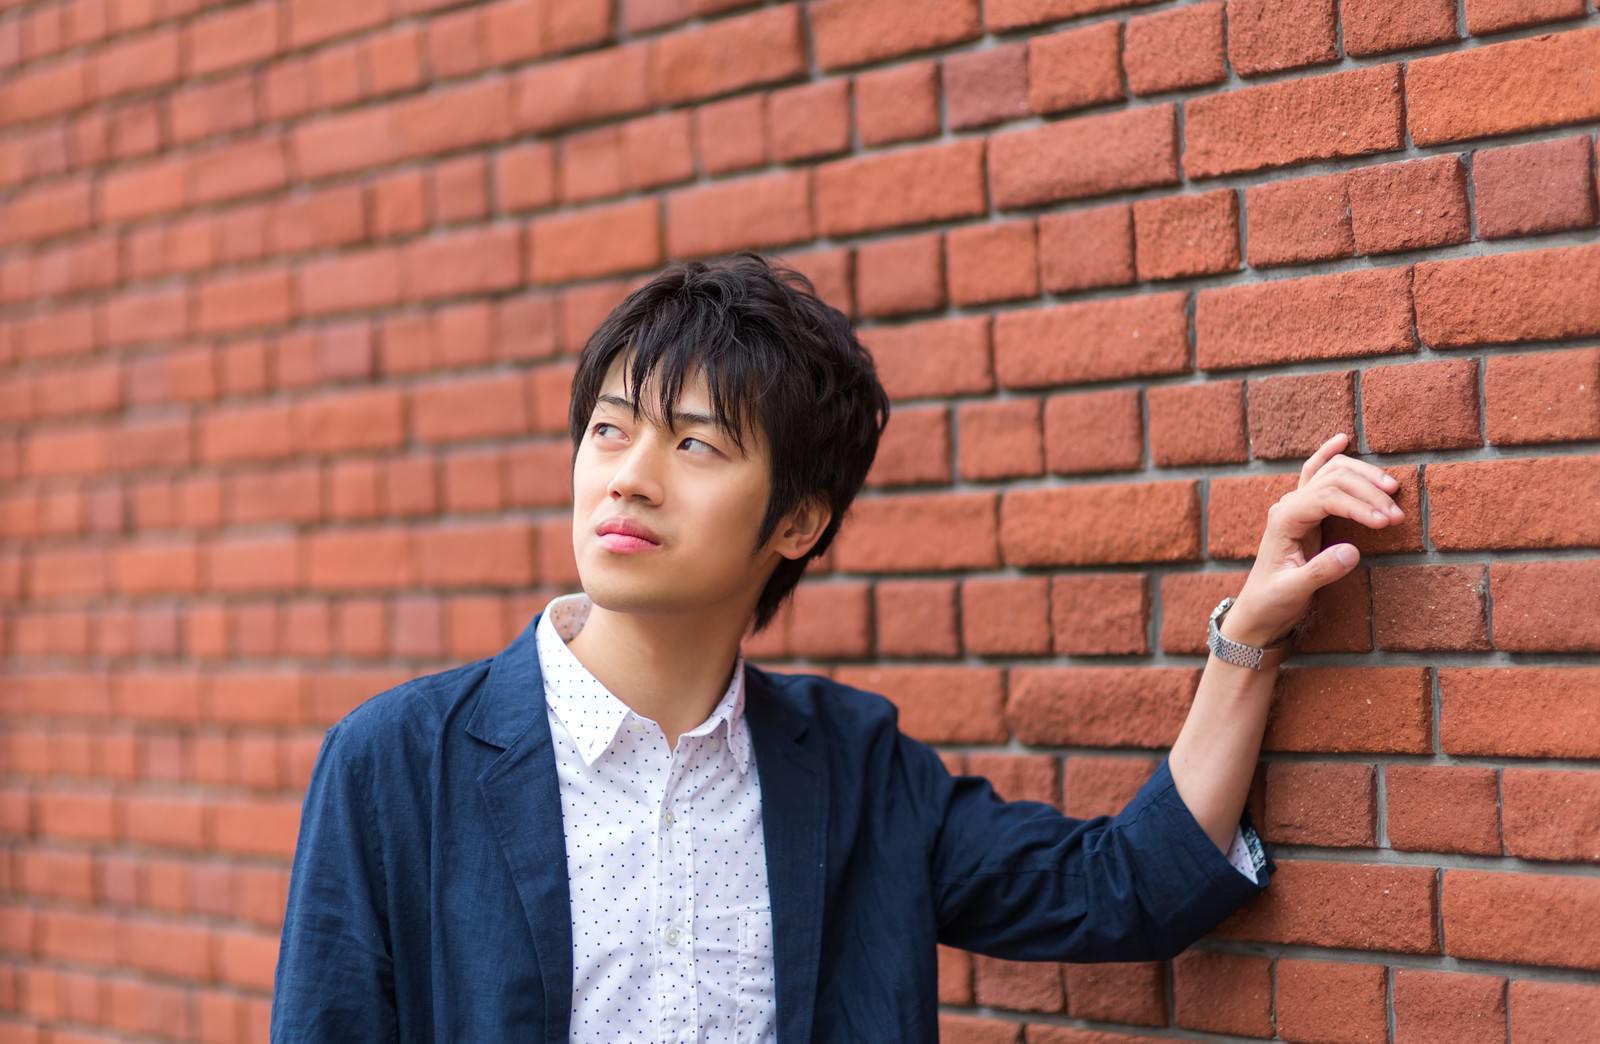 「レンガの壁に寄りかかる青年レンガの壁に寄りかかる青年」[モデル:Tsuyoshi.]のフリー写真素材を拡大